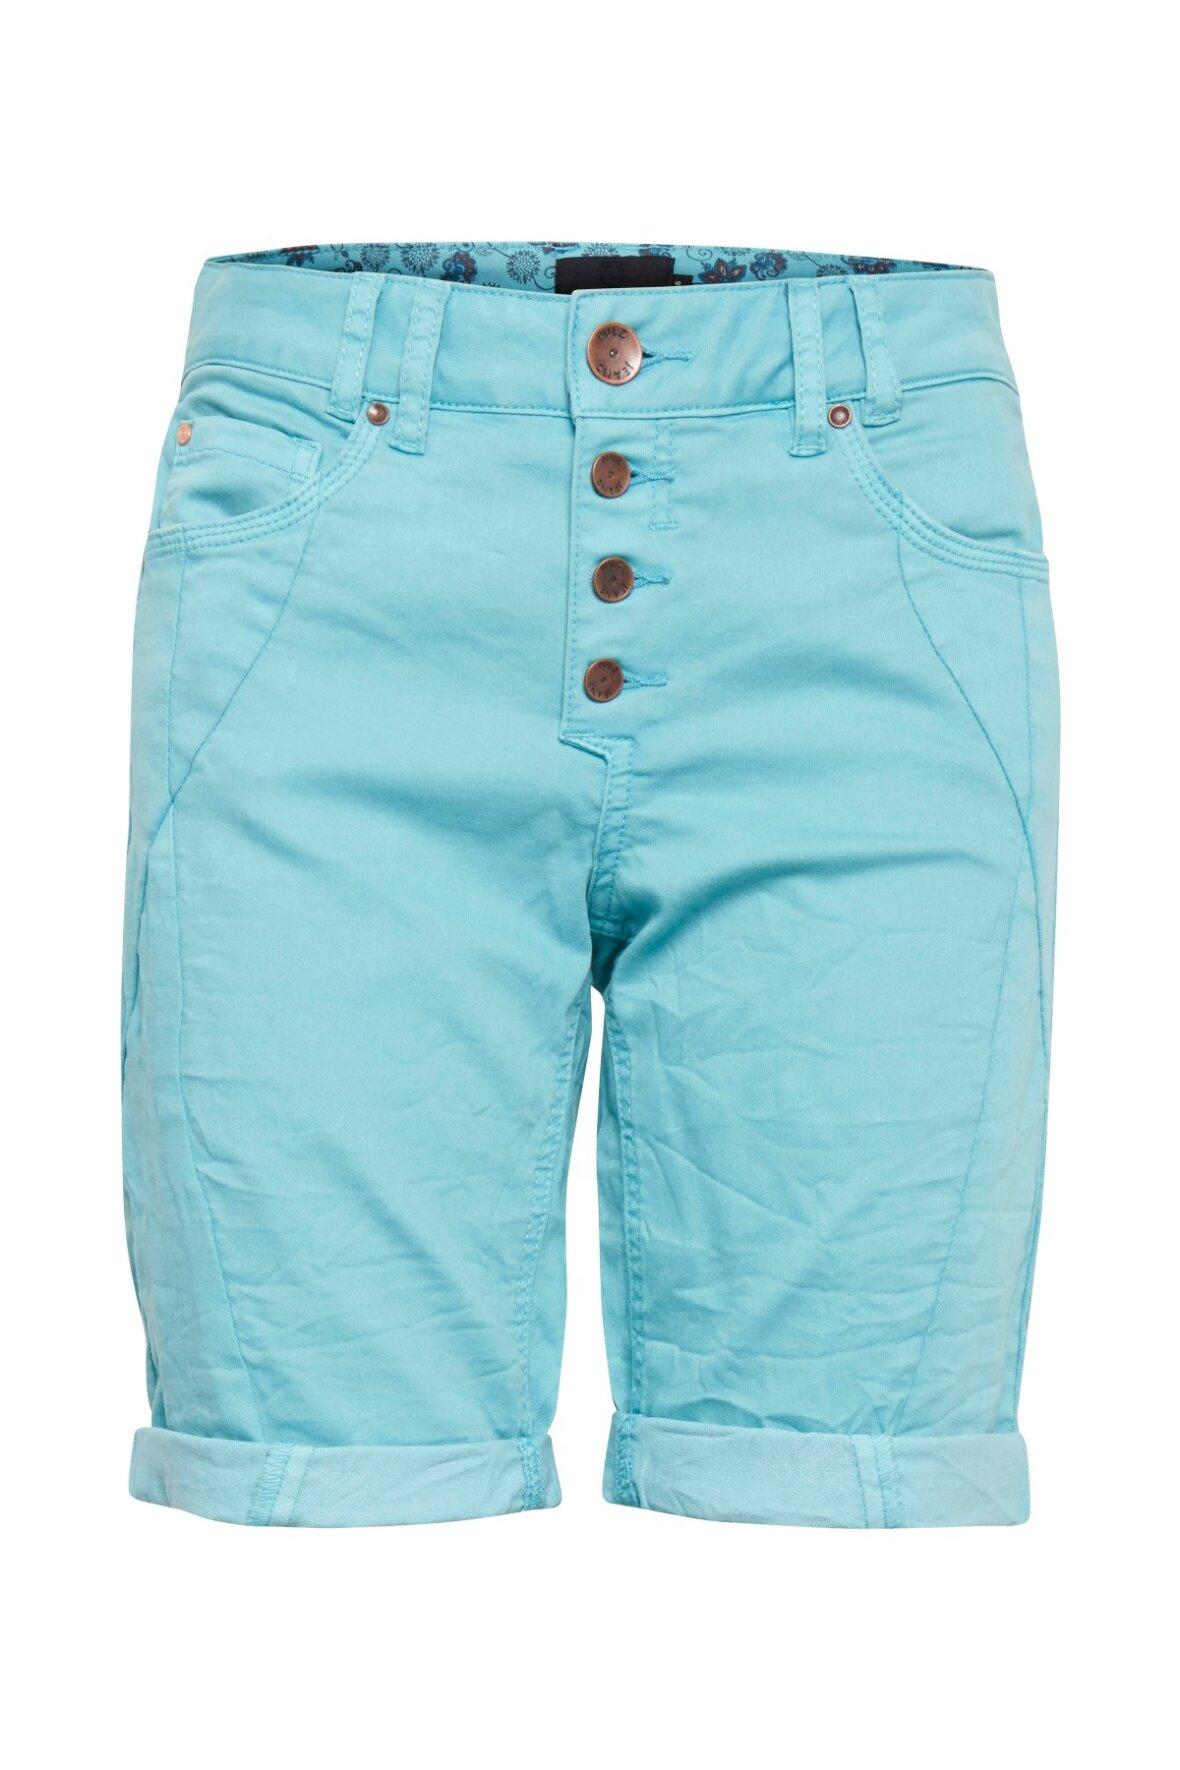 23152900660 Pulz rosita capri lidt længere end shorts til damer flere farver ...